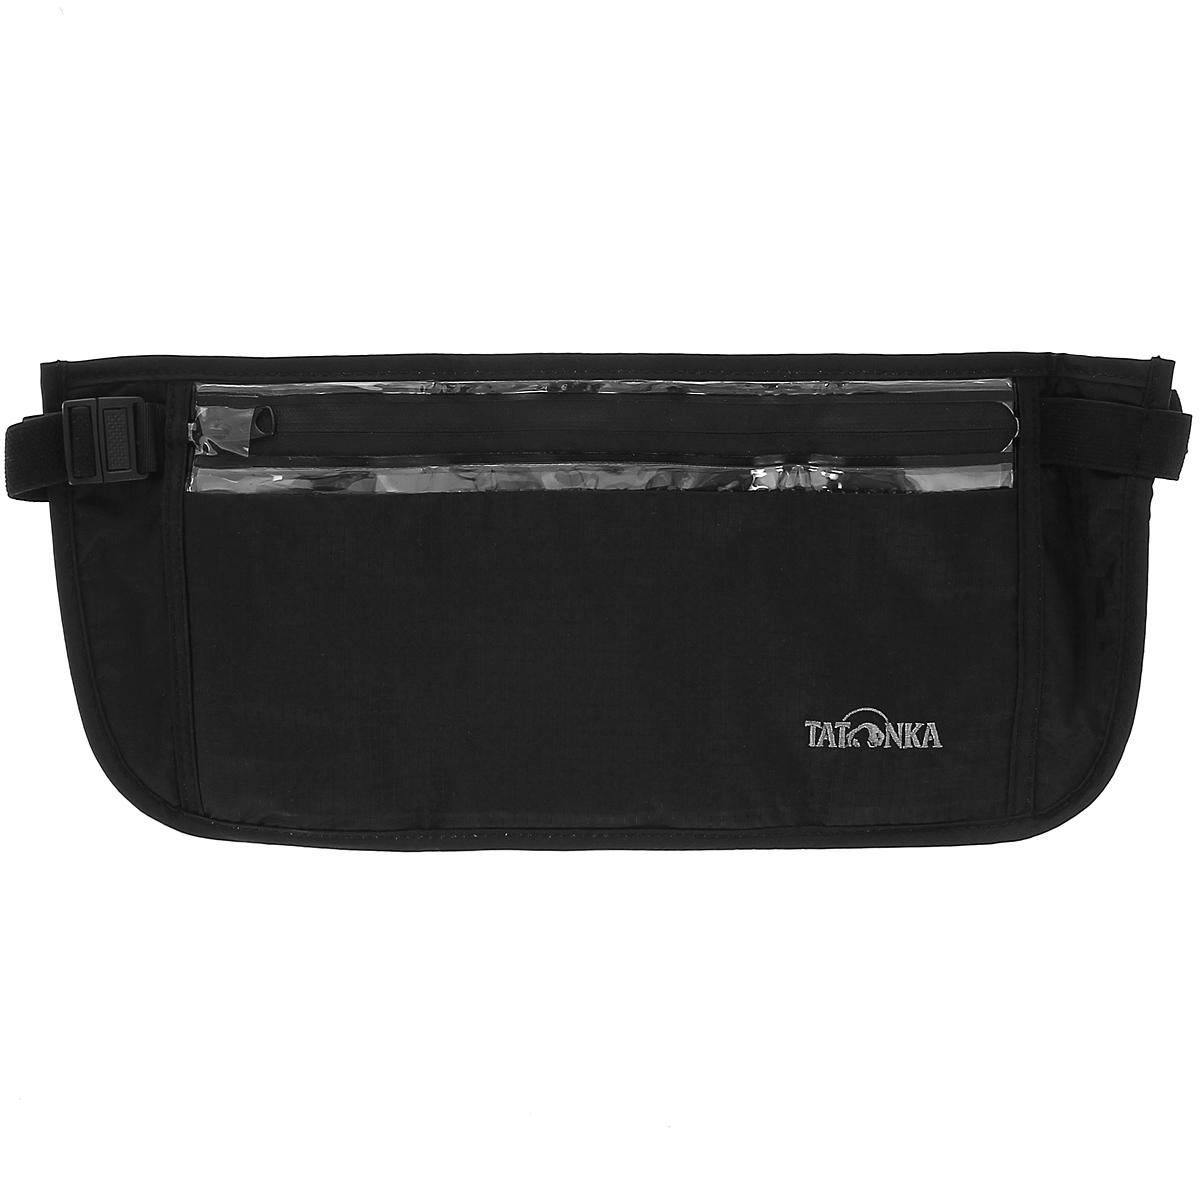 Кошелек на пояс Tatonka Skin Security Pocket, потайной, цвет: черный2857.040Большой вместительный кошелек для скрытого ношения на поясе Tatonka Skin Security Pocket подойдет не только для хранения денег, но и для сохранности документов и других ценных предметов. Он крепится на пояс при помощи эластичного ремня, длина которого регулируется. Изделие имеет одно вместительное отделение на водонепроницаемой застежке-молнии. Кошелек с обратной стороны выполнен из приятного для кожи мягкого материала, не вызывающего аллергию, внутри обтянут водонепроницаемой пленкой. Материал: 210T Nylon Rip Stop. Очень легкий материал RipStop нейлон (210 Den полиамид) с красивой и приятной на ощупь поверхностью, очень прочный. Изнутри покрыт полиуретаном с водостоойкостью 2000 мм. Нитка 210 денье (сокращено: Den) создает прочность на разрыв.